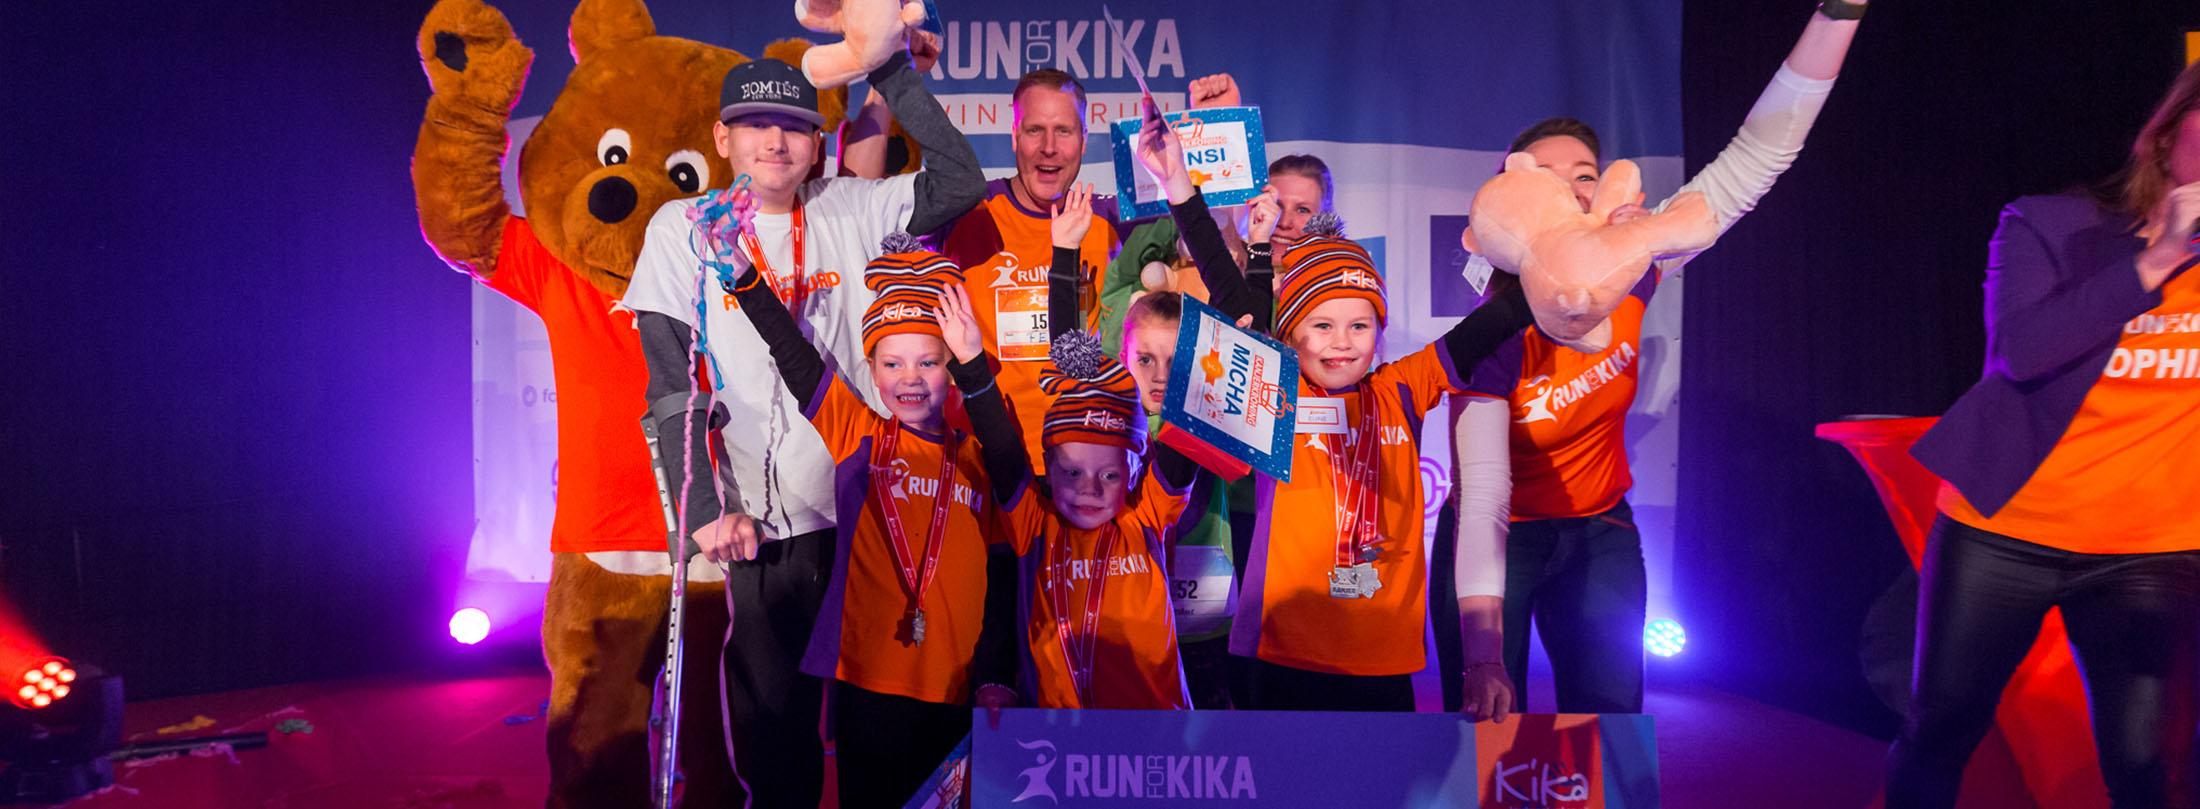 Kanjers onthullen de cheque van de Run for KiKa Winterrun 2020